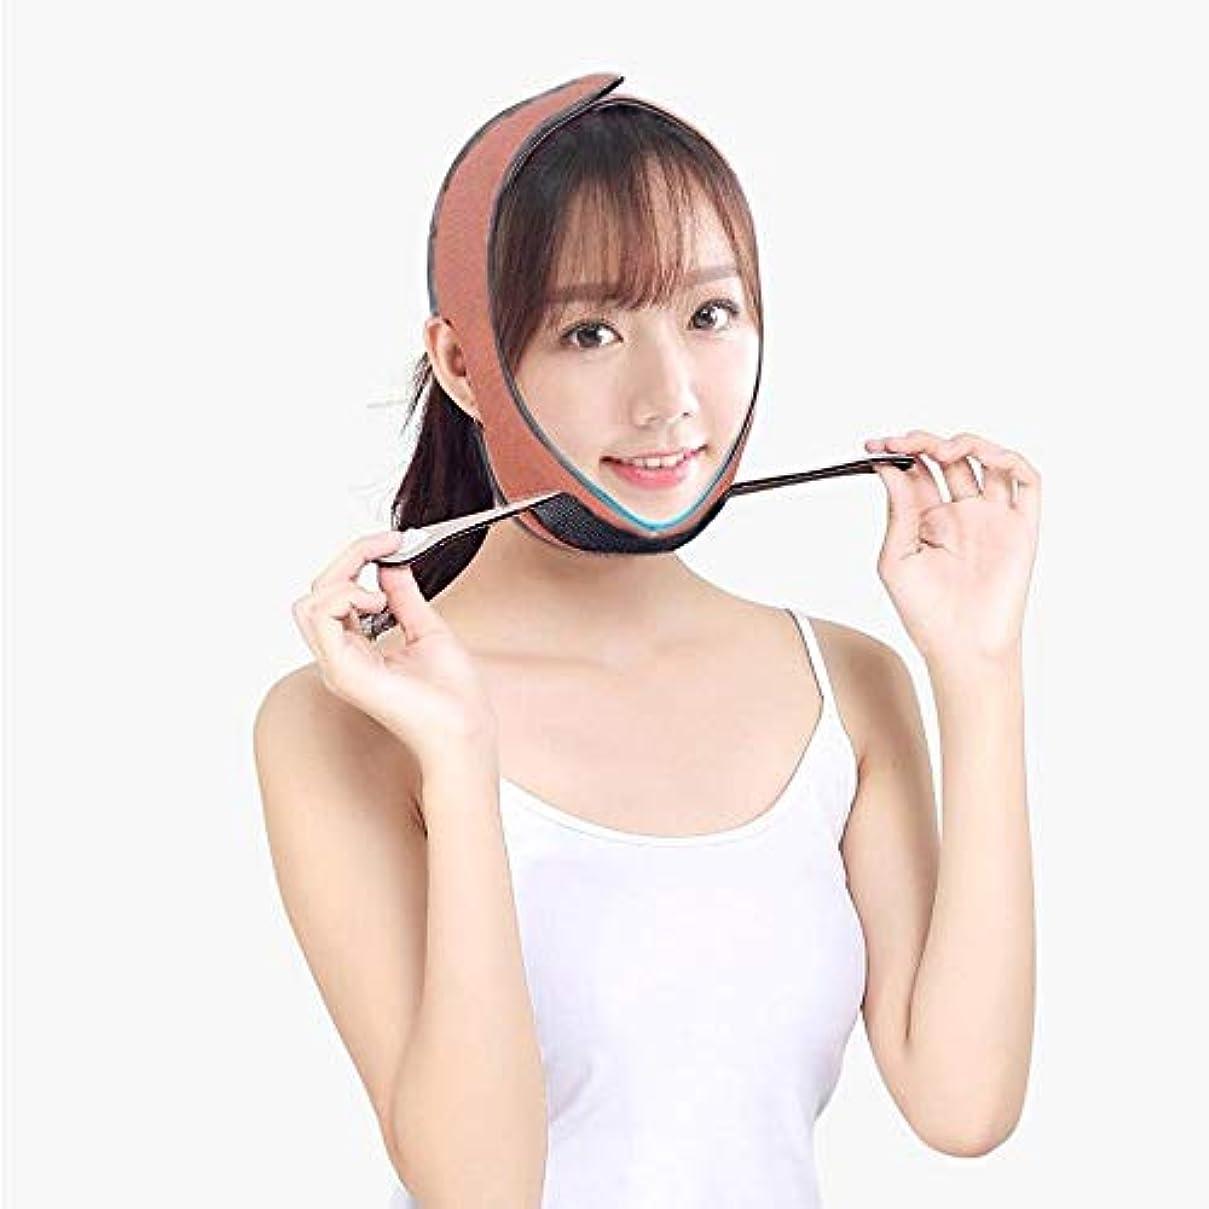 湖パール吸収剤フェイスリフティングベルト、フェイスリフティング包帯顔の形をしたV字型包帯通気性の低下した二重あごアンチエイジング引き締め肌 (Color : Brown)